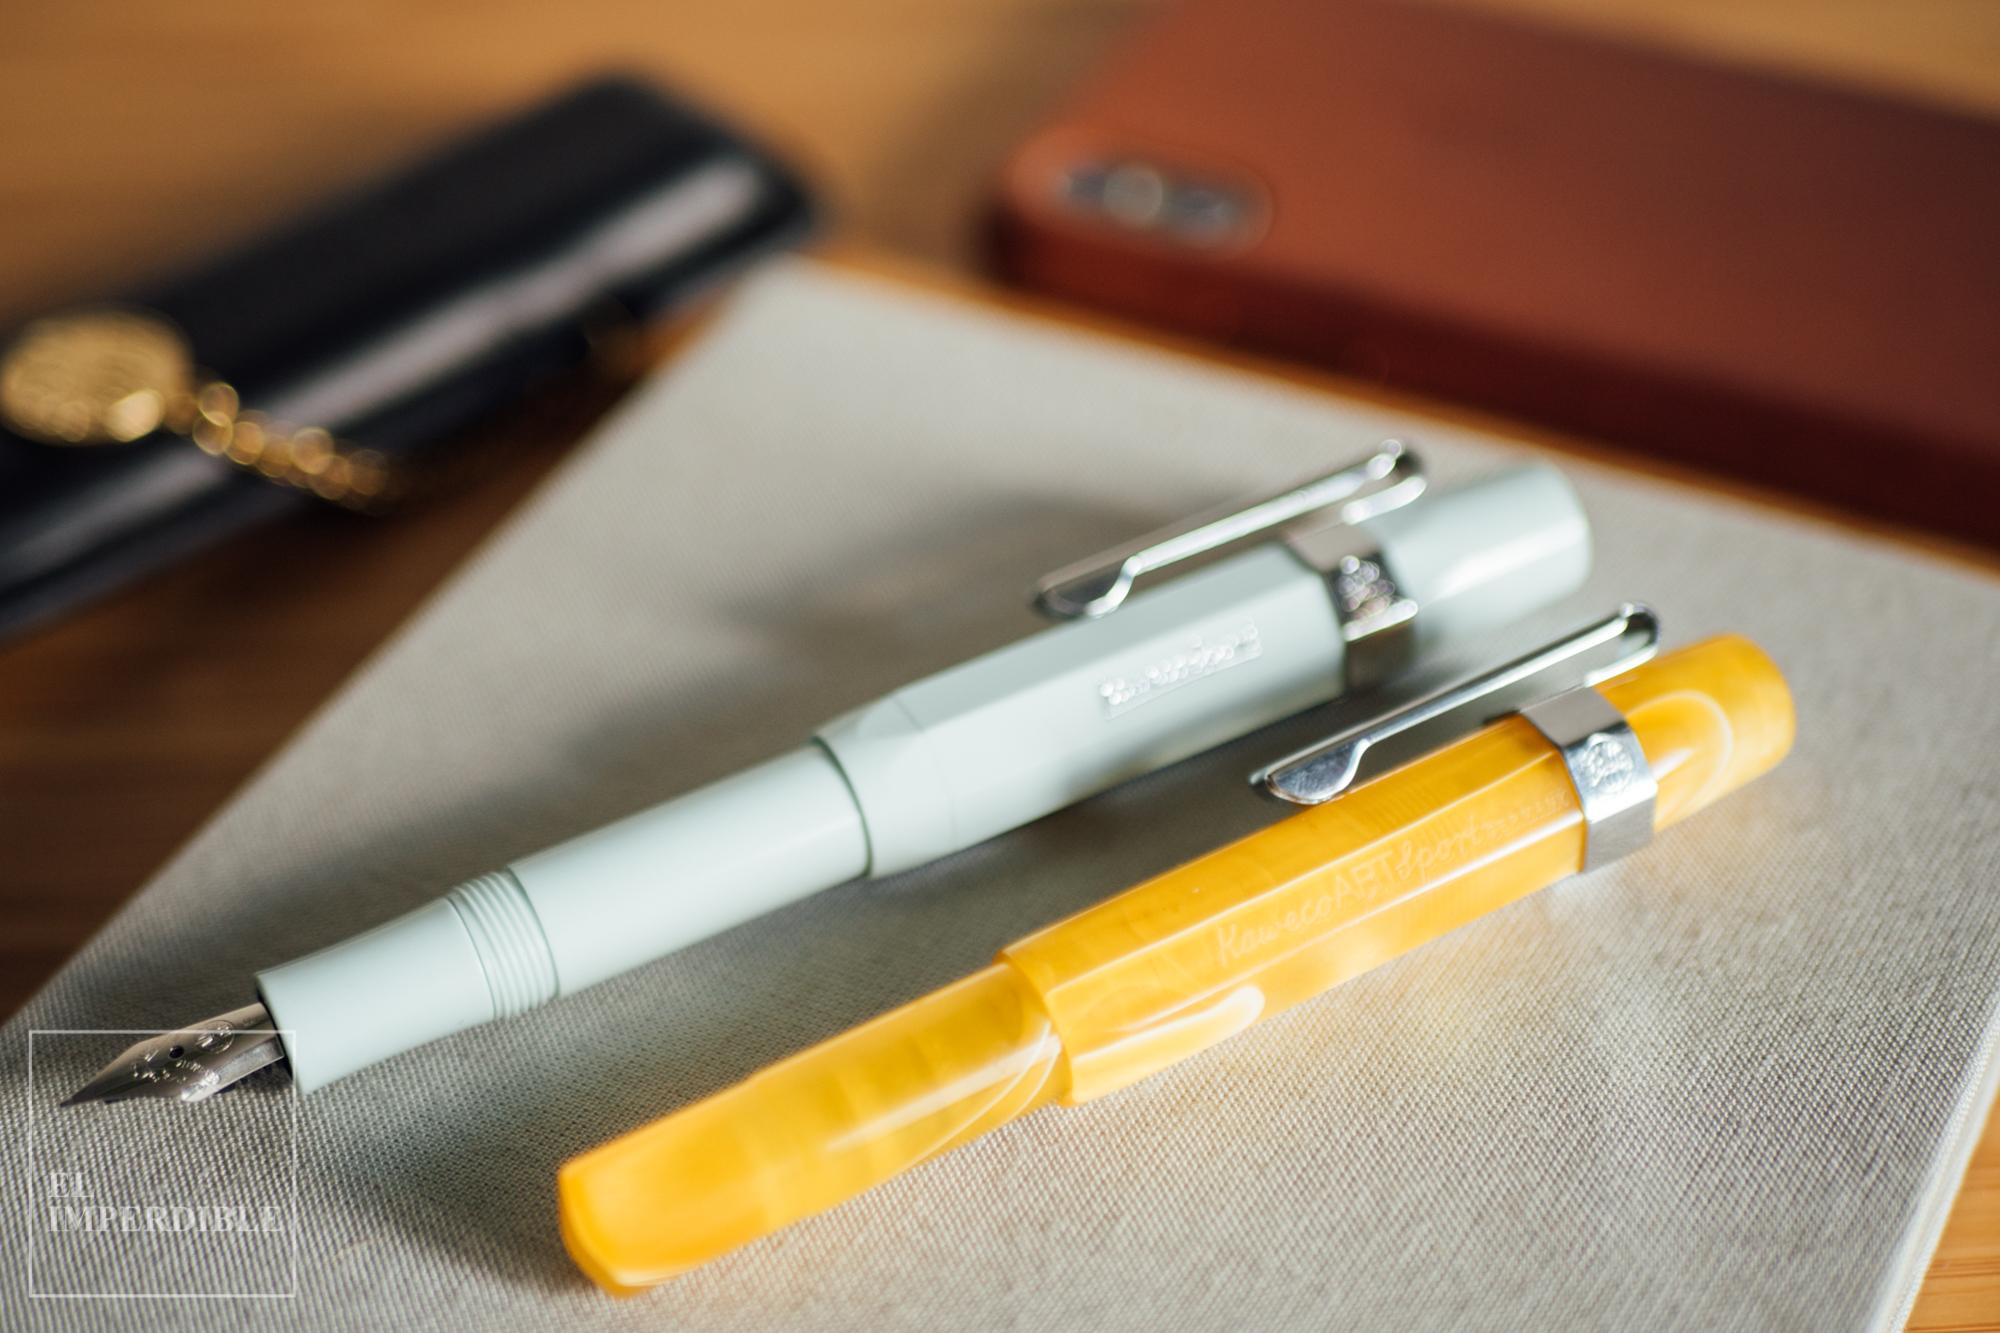 Las mejores plumas estilográficas qué pluma comprar Kaweco Sport ArtSport iPhone